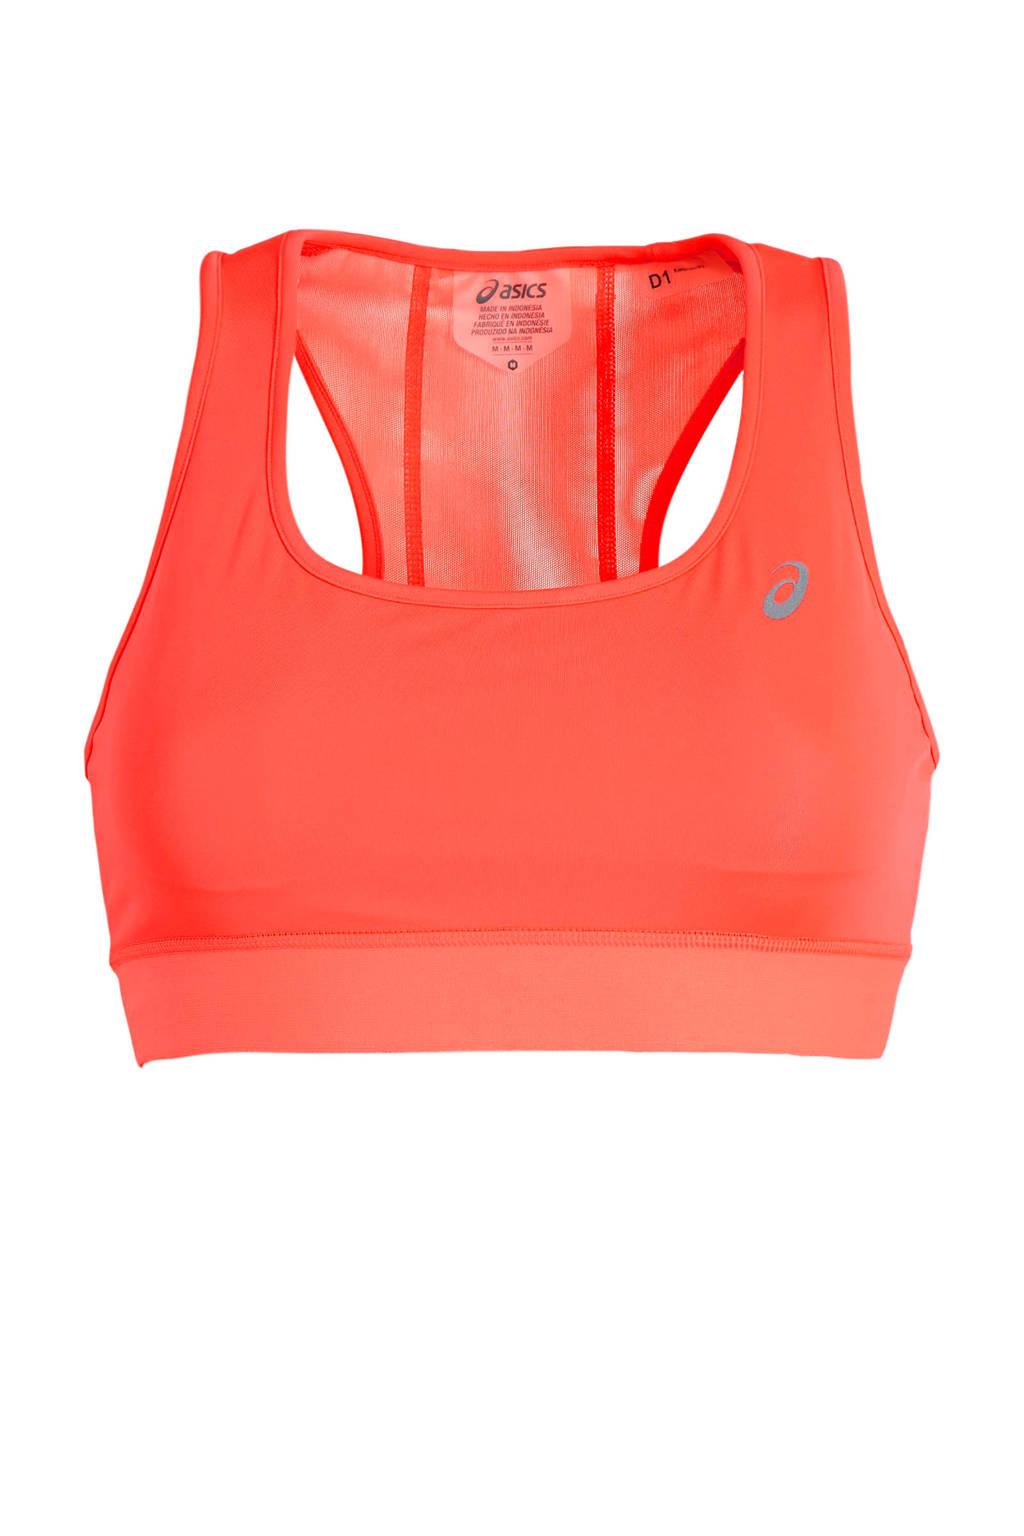 ASICS level 3 sportbh oranje, Oranje